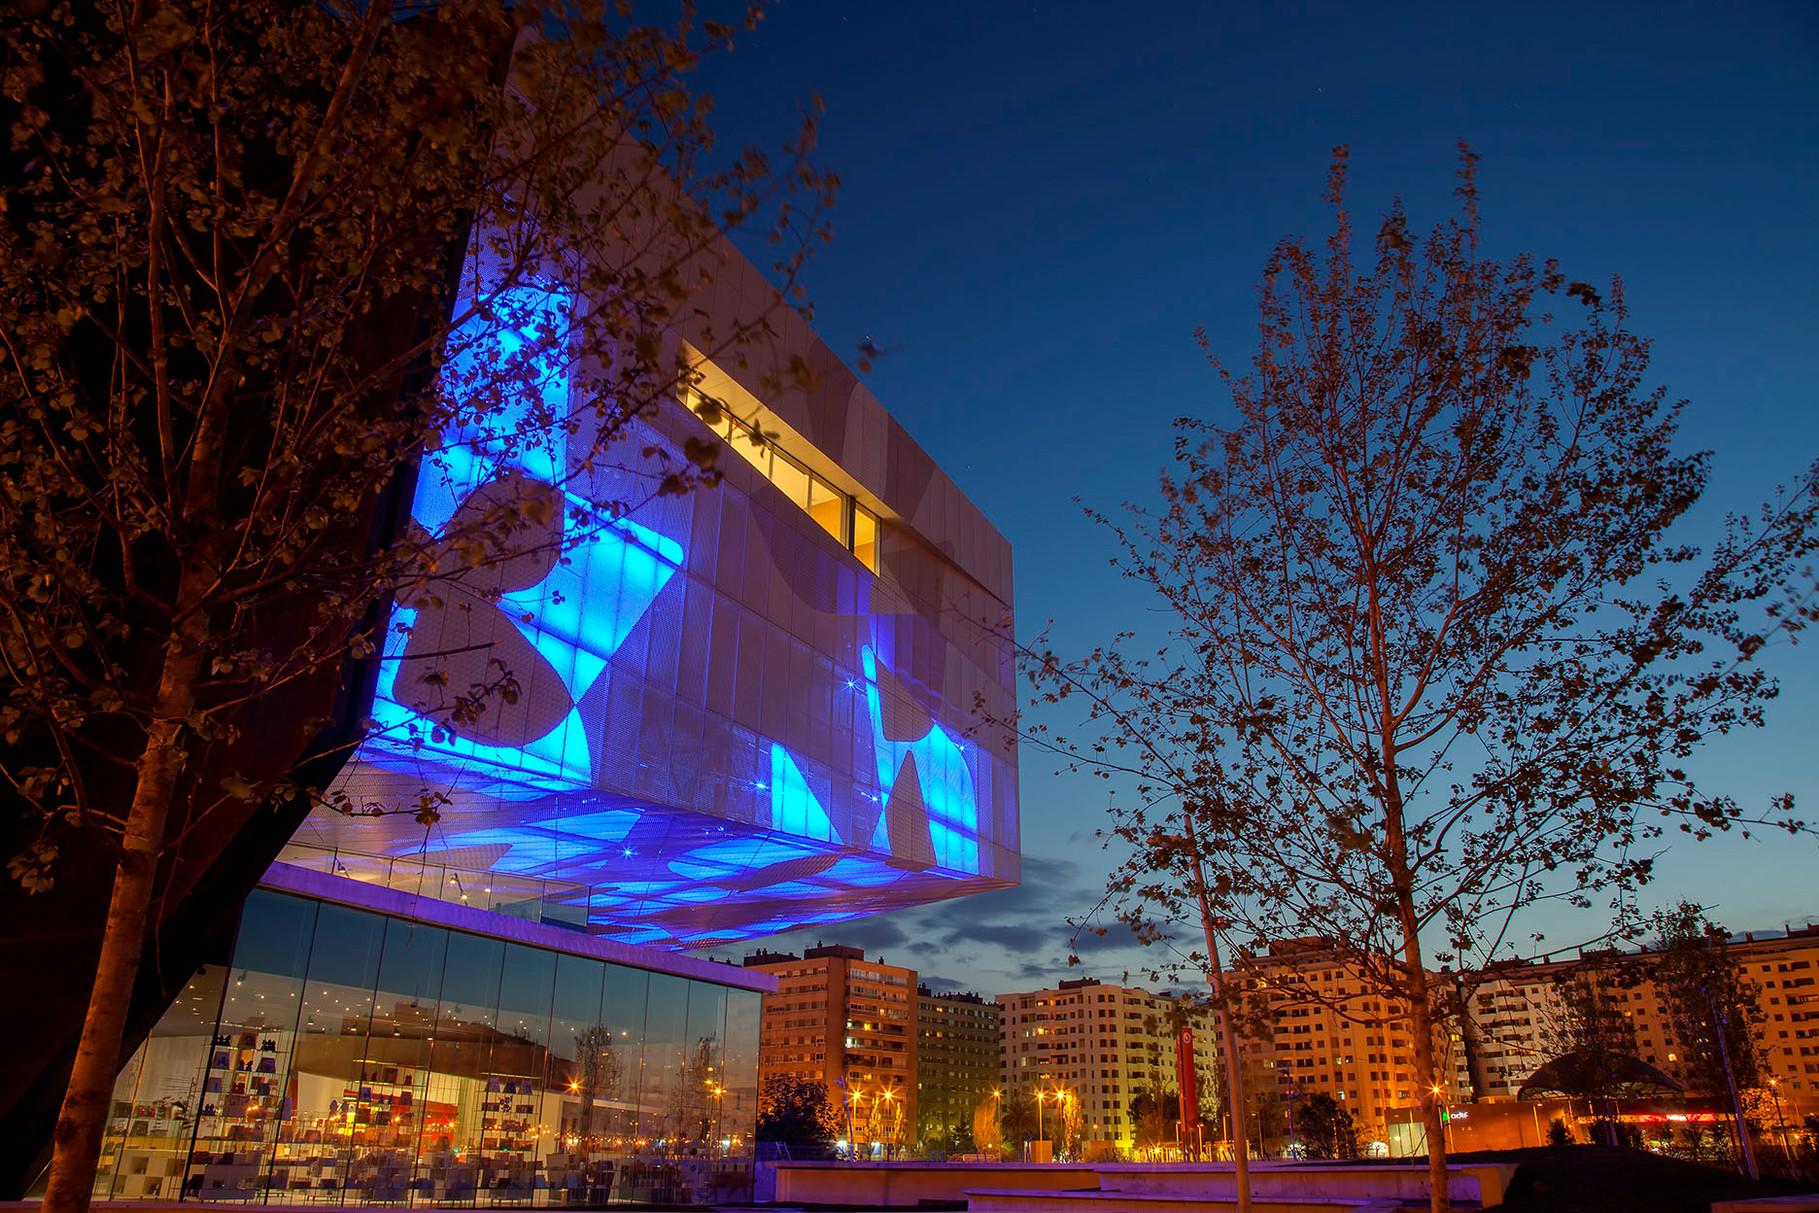 El nou Museu Caixaforum Saragossa. Nuevo Museo Caixaforum Zaragoza. New Zaragoza Caixaforum Museum